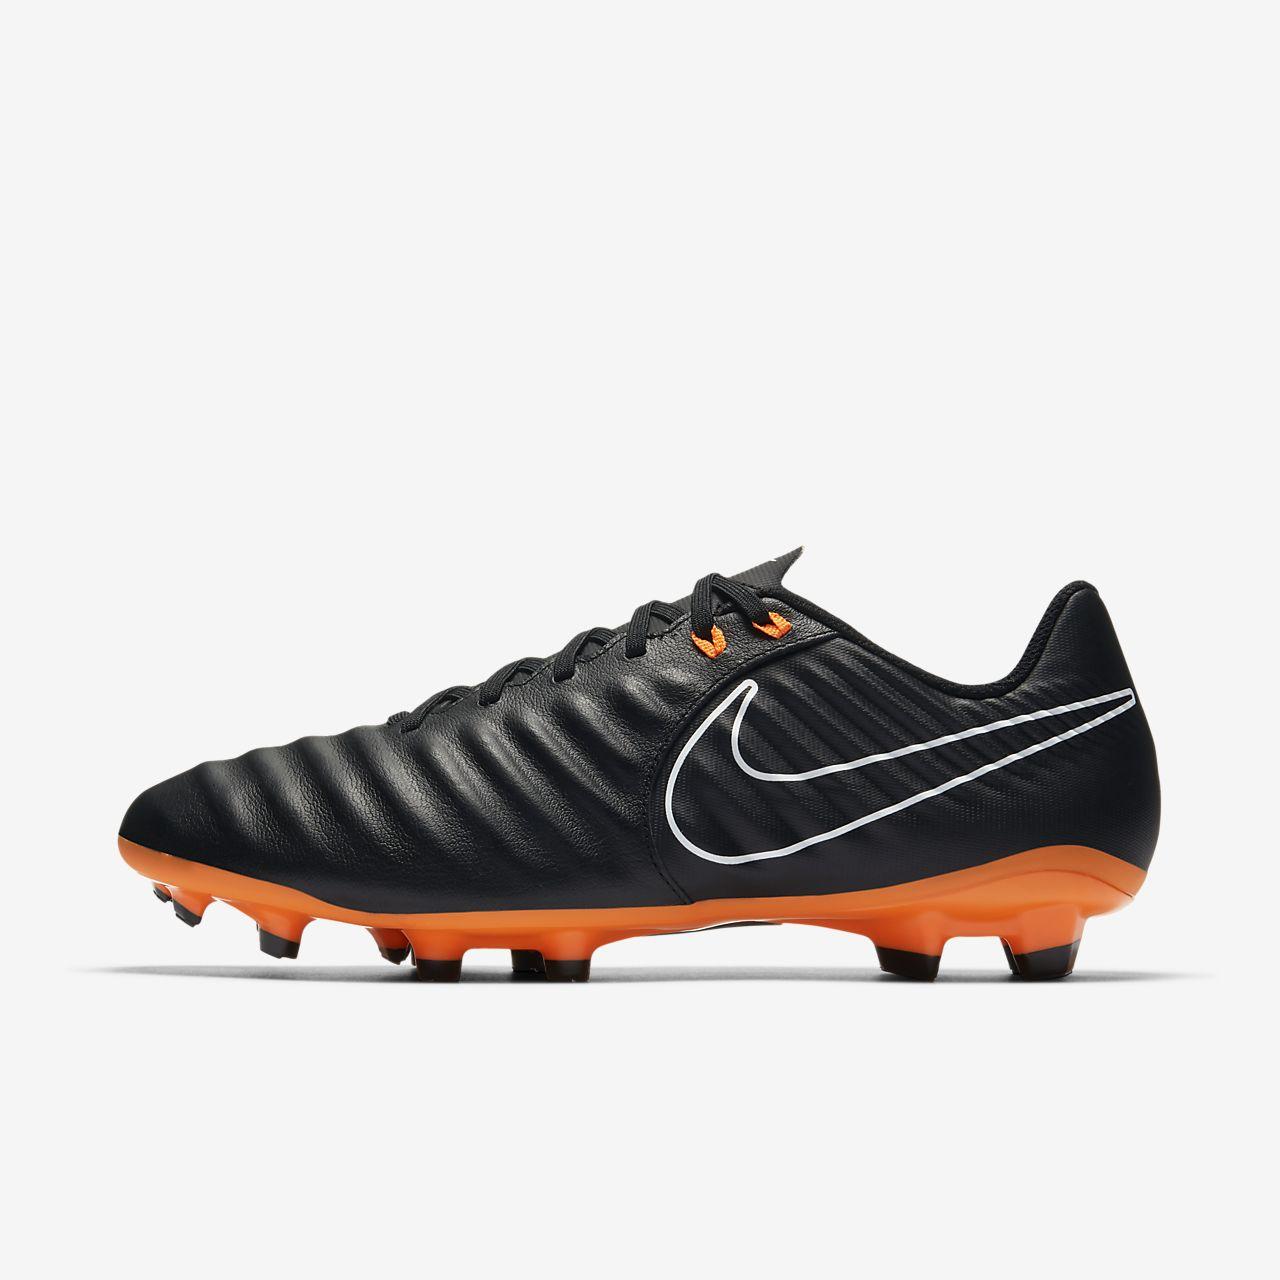 Legend 7 Club (FG) Football Boots - Black/Orange ltptzOIURh